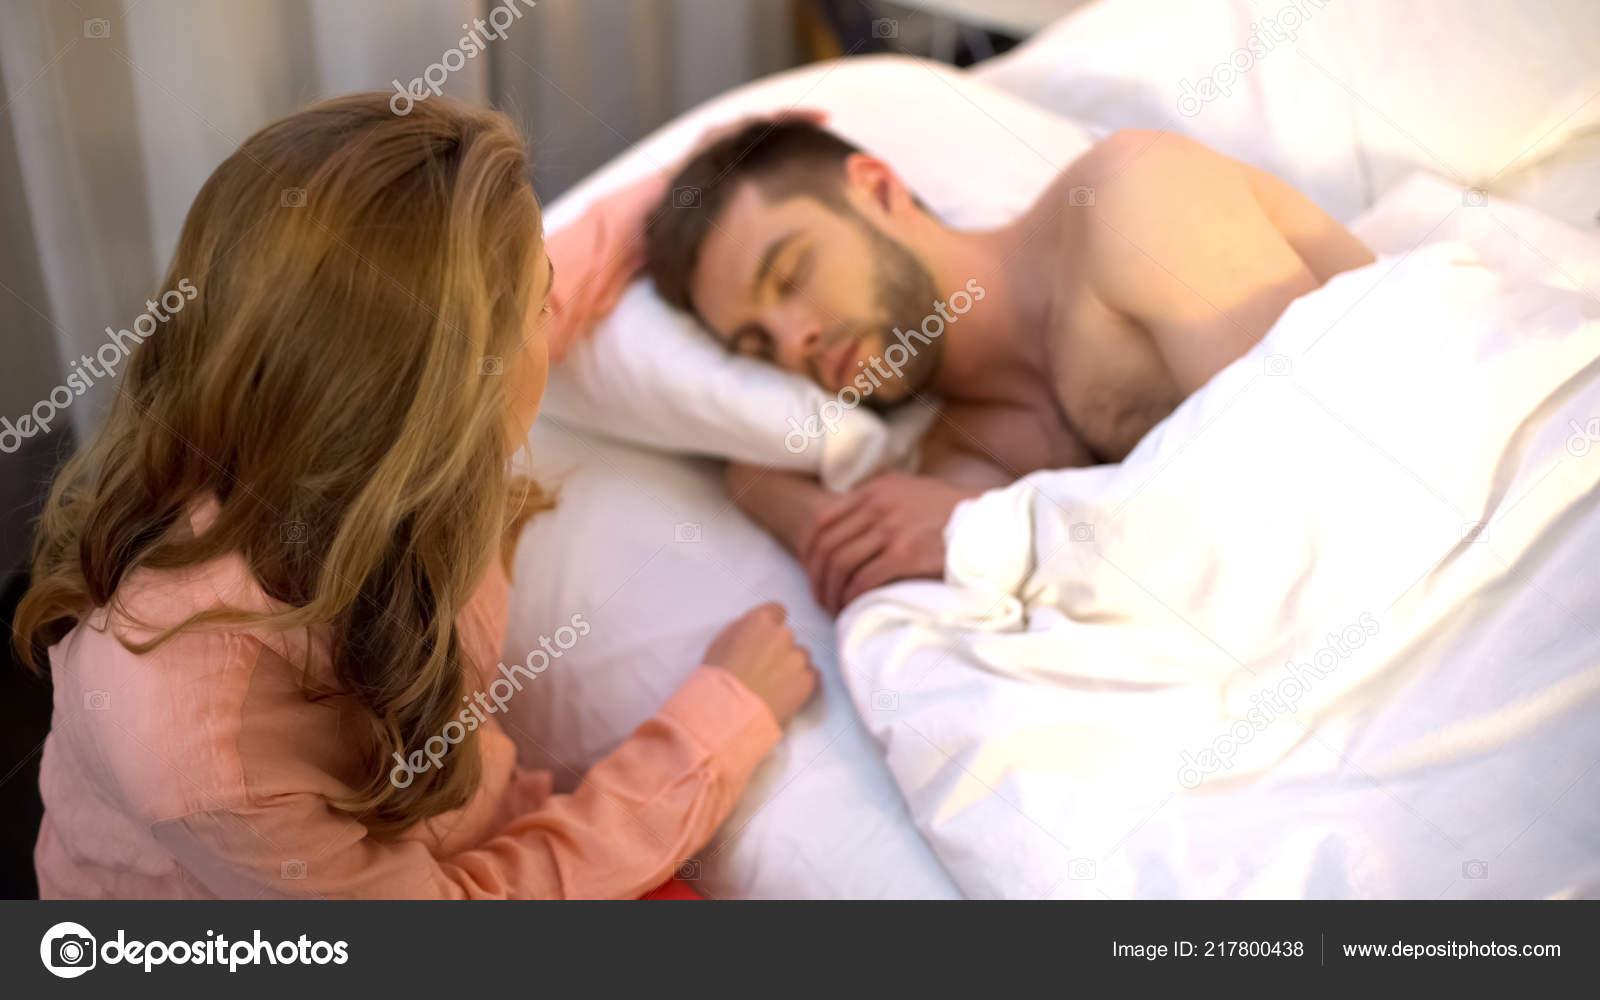 Тетя сосет пока спит, Тетка сосет член у спящего племянника, разбудила для 23 фотография